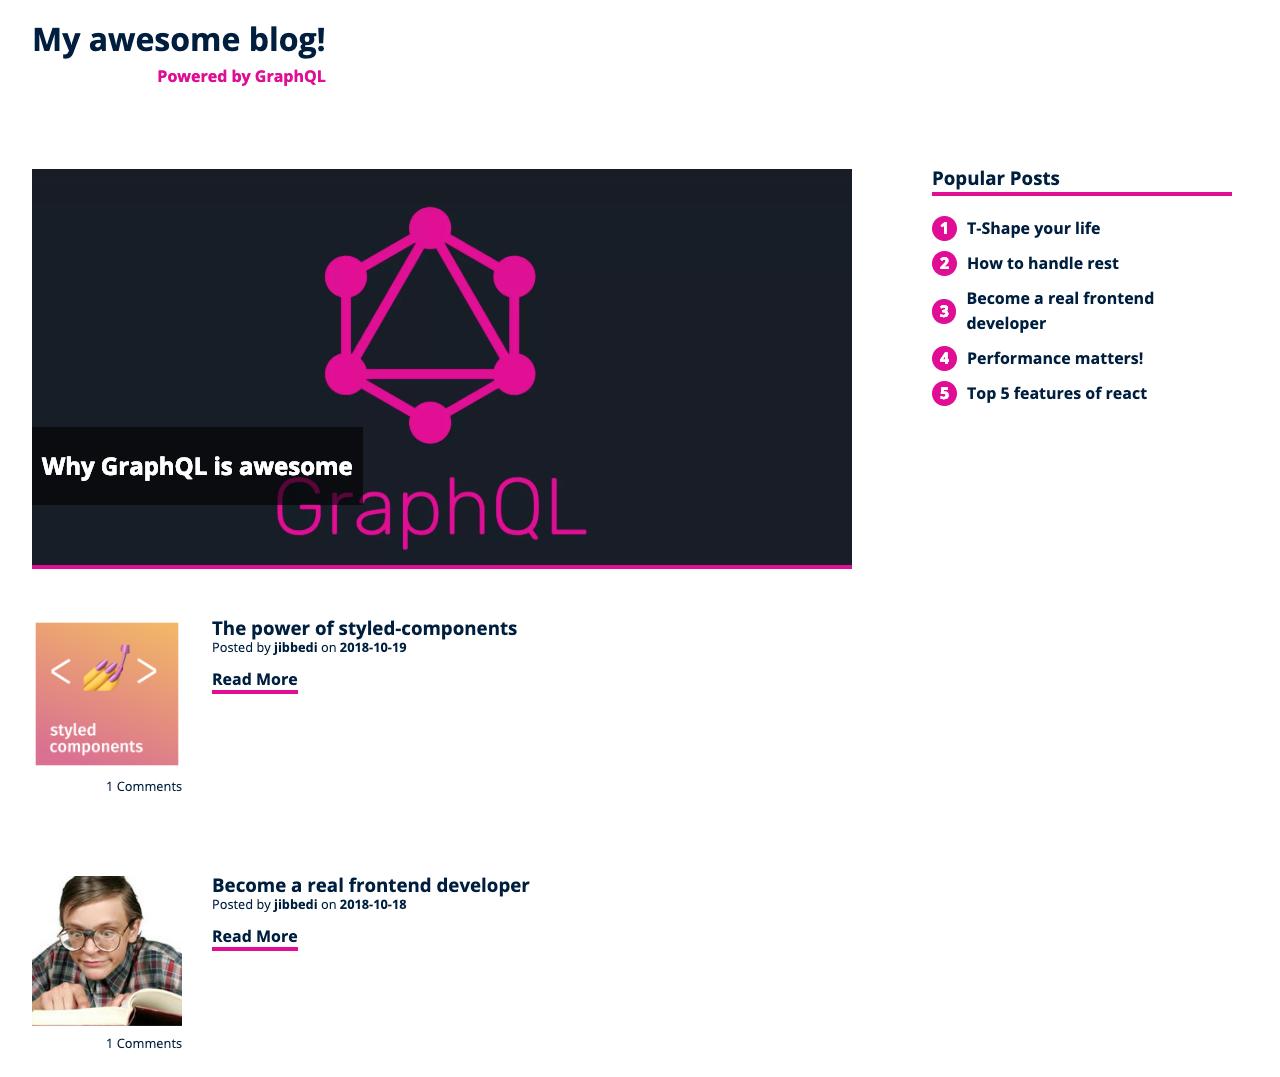 Blog Layout Image